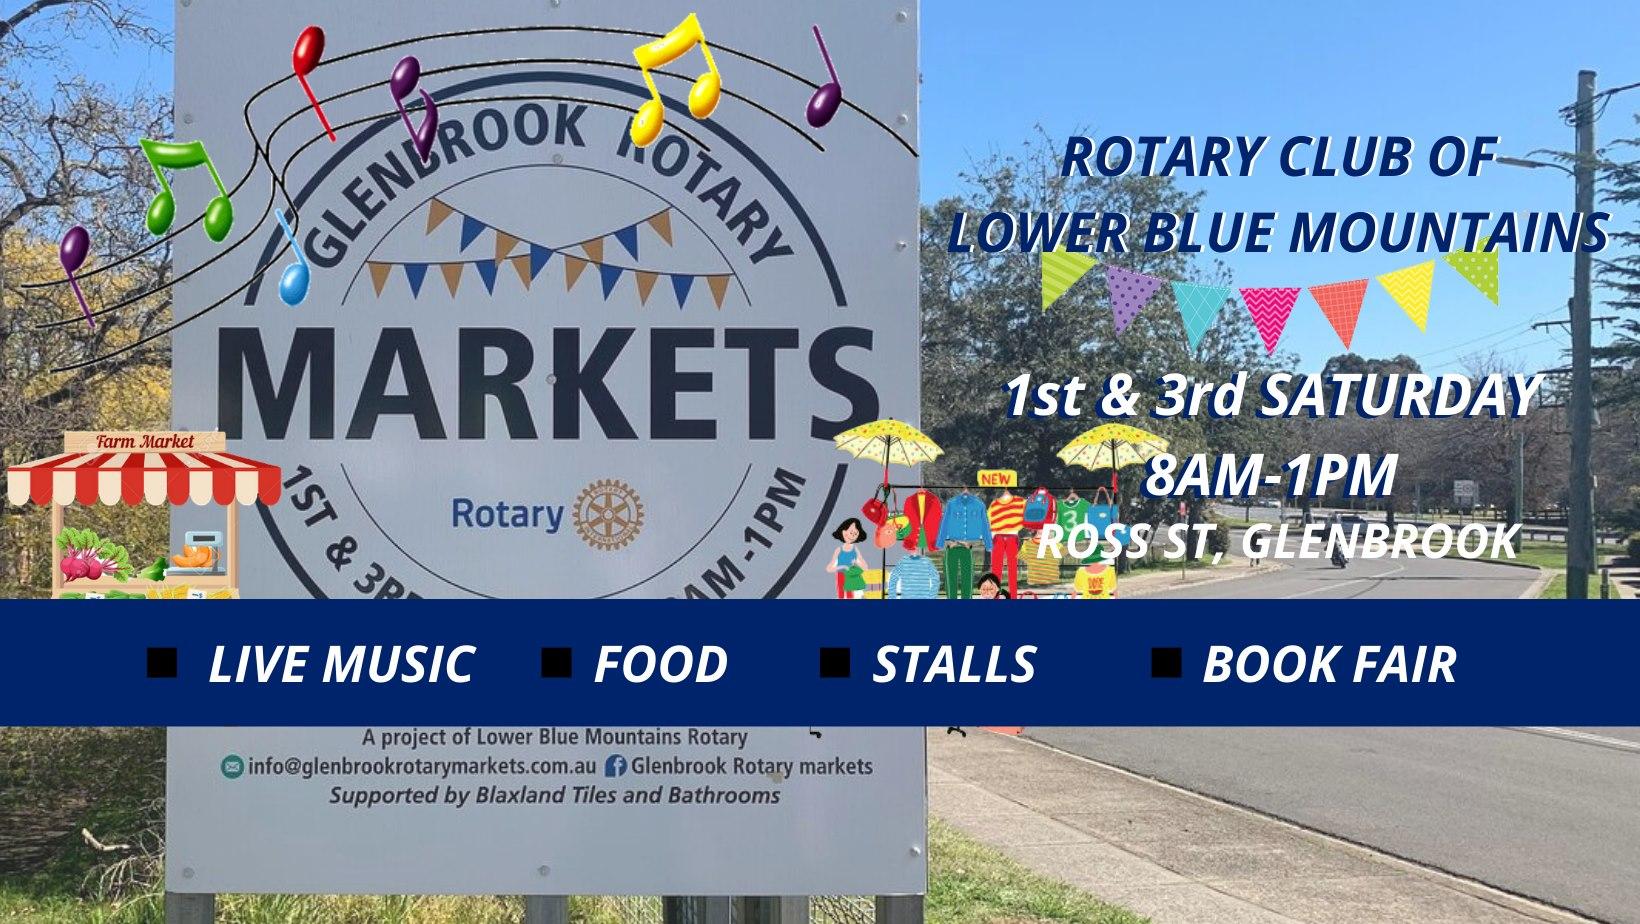 Glenbrook Rotary Markets